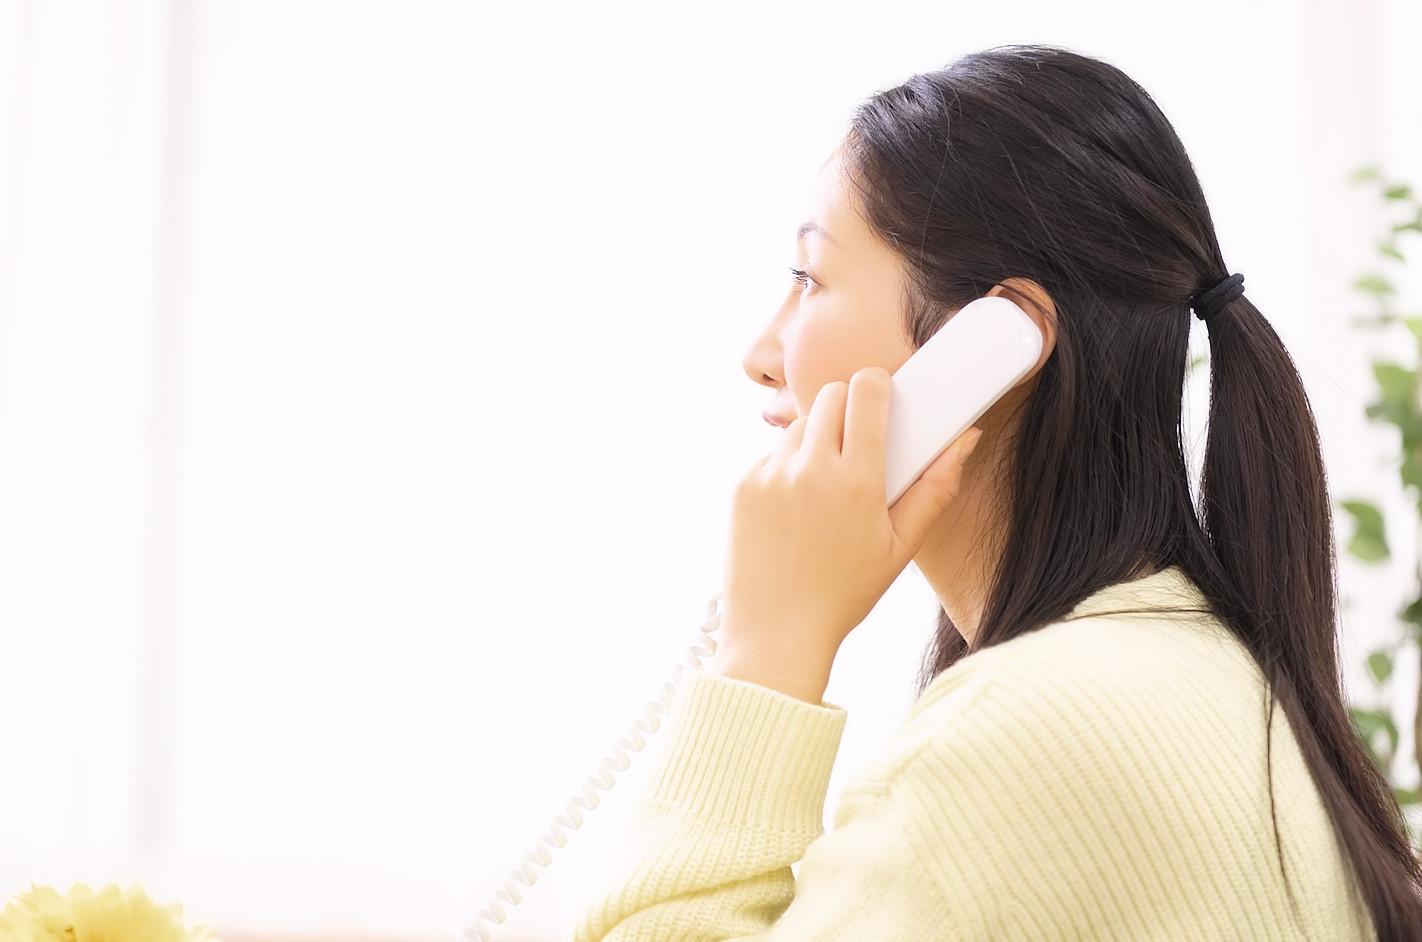 電話でお問合せをするミセス